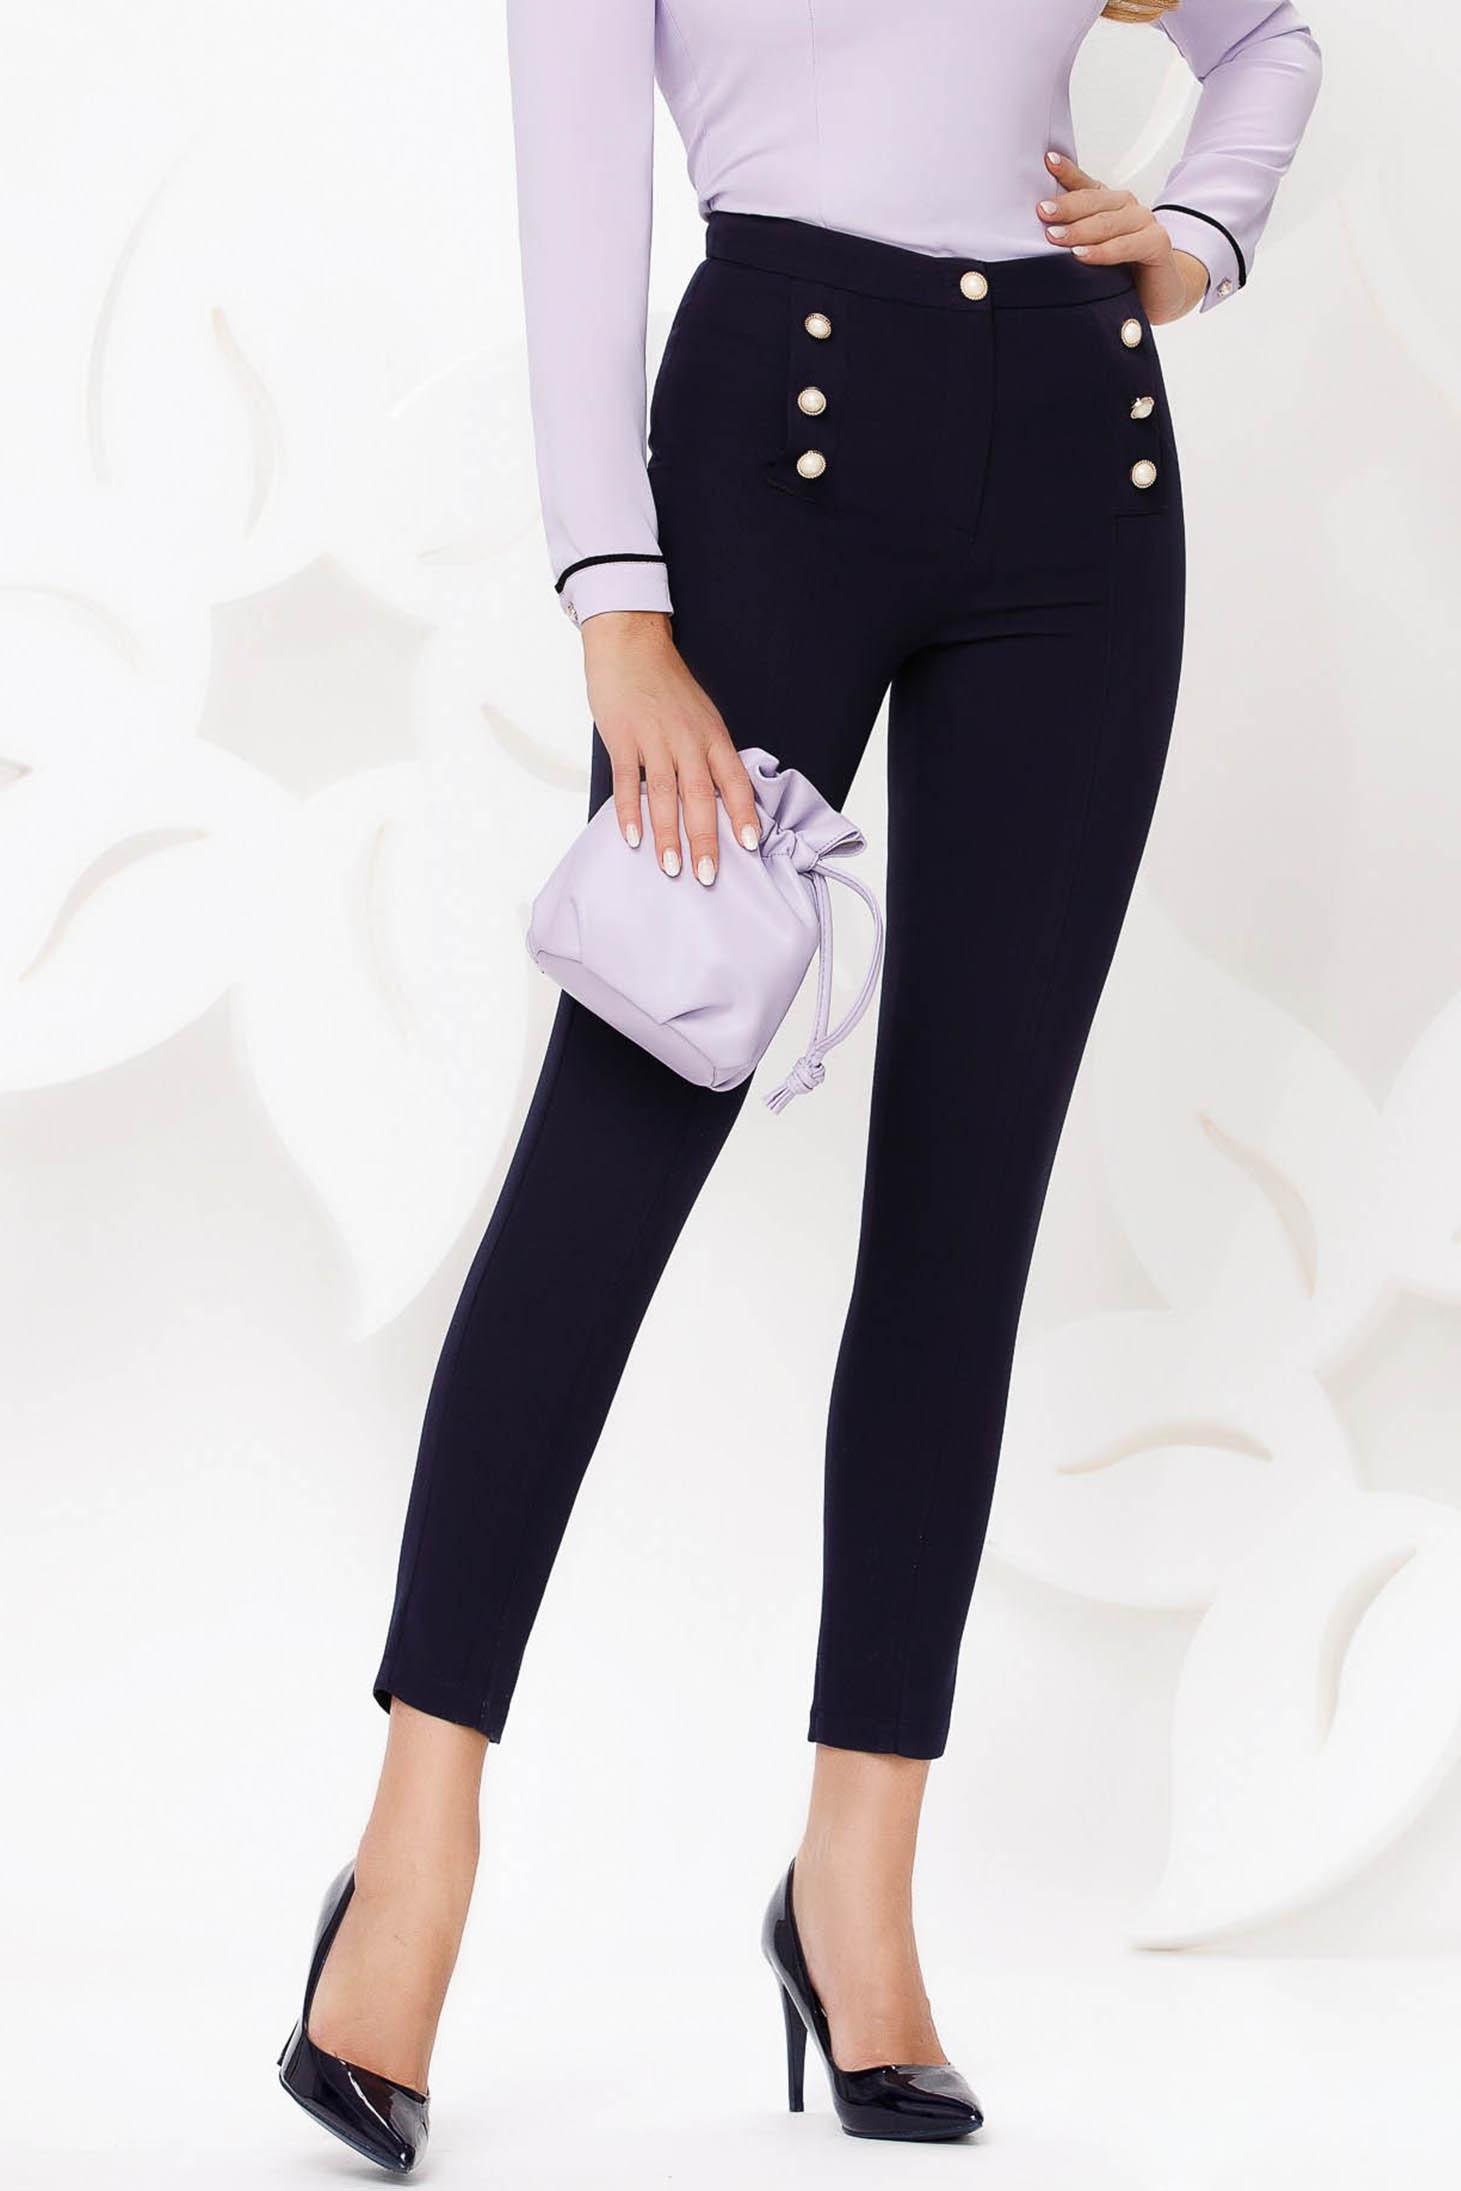 Pantaloni Fofy albastru-inchis office conici cu talie inalta din stofa usor elastica accesorizati cu nasturi